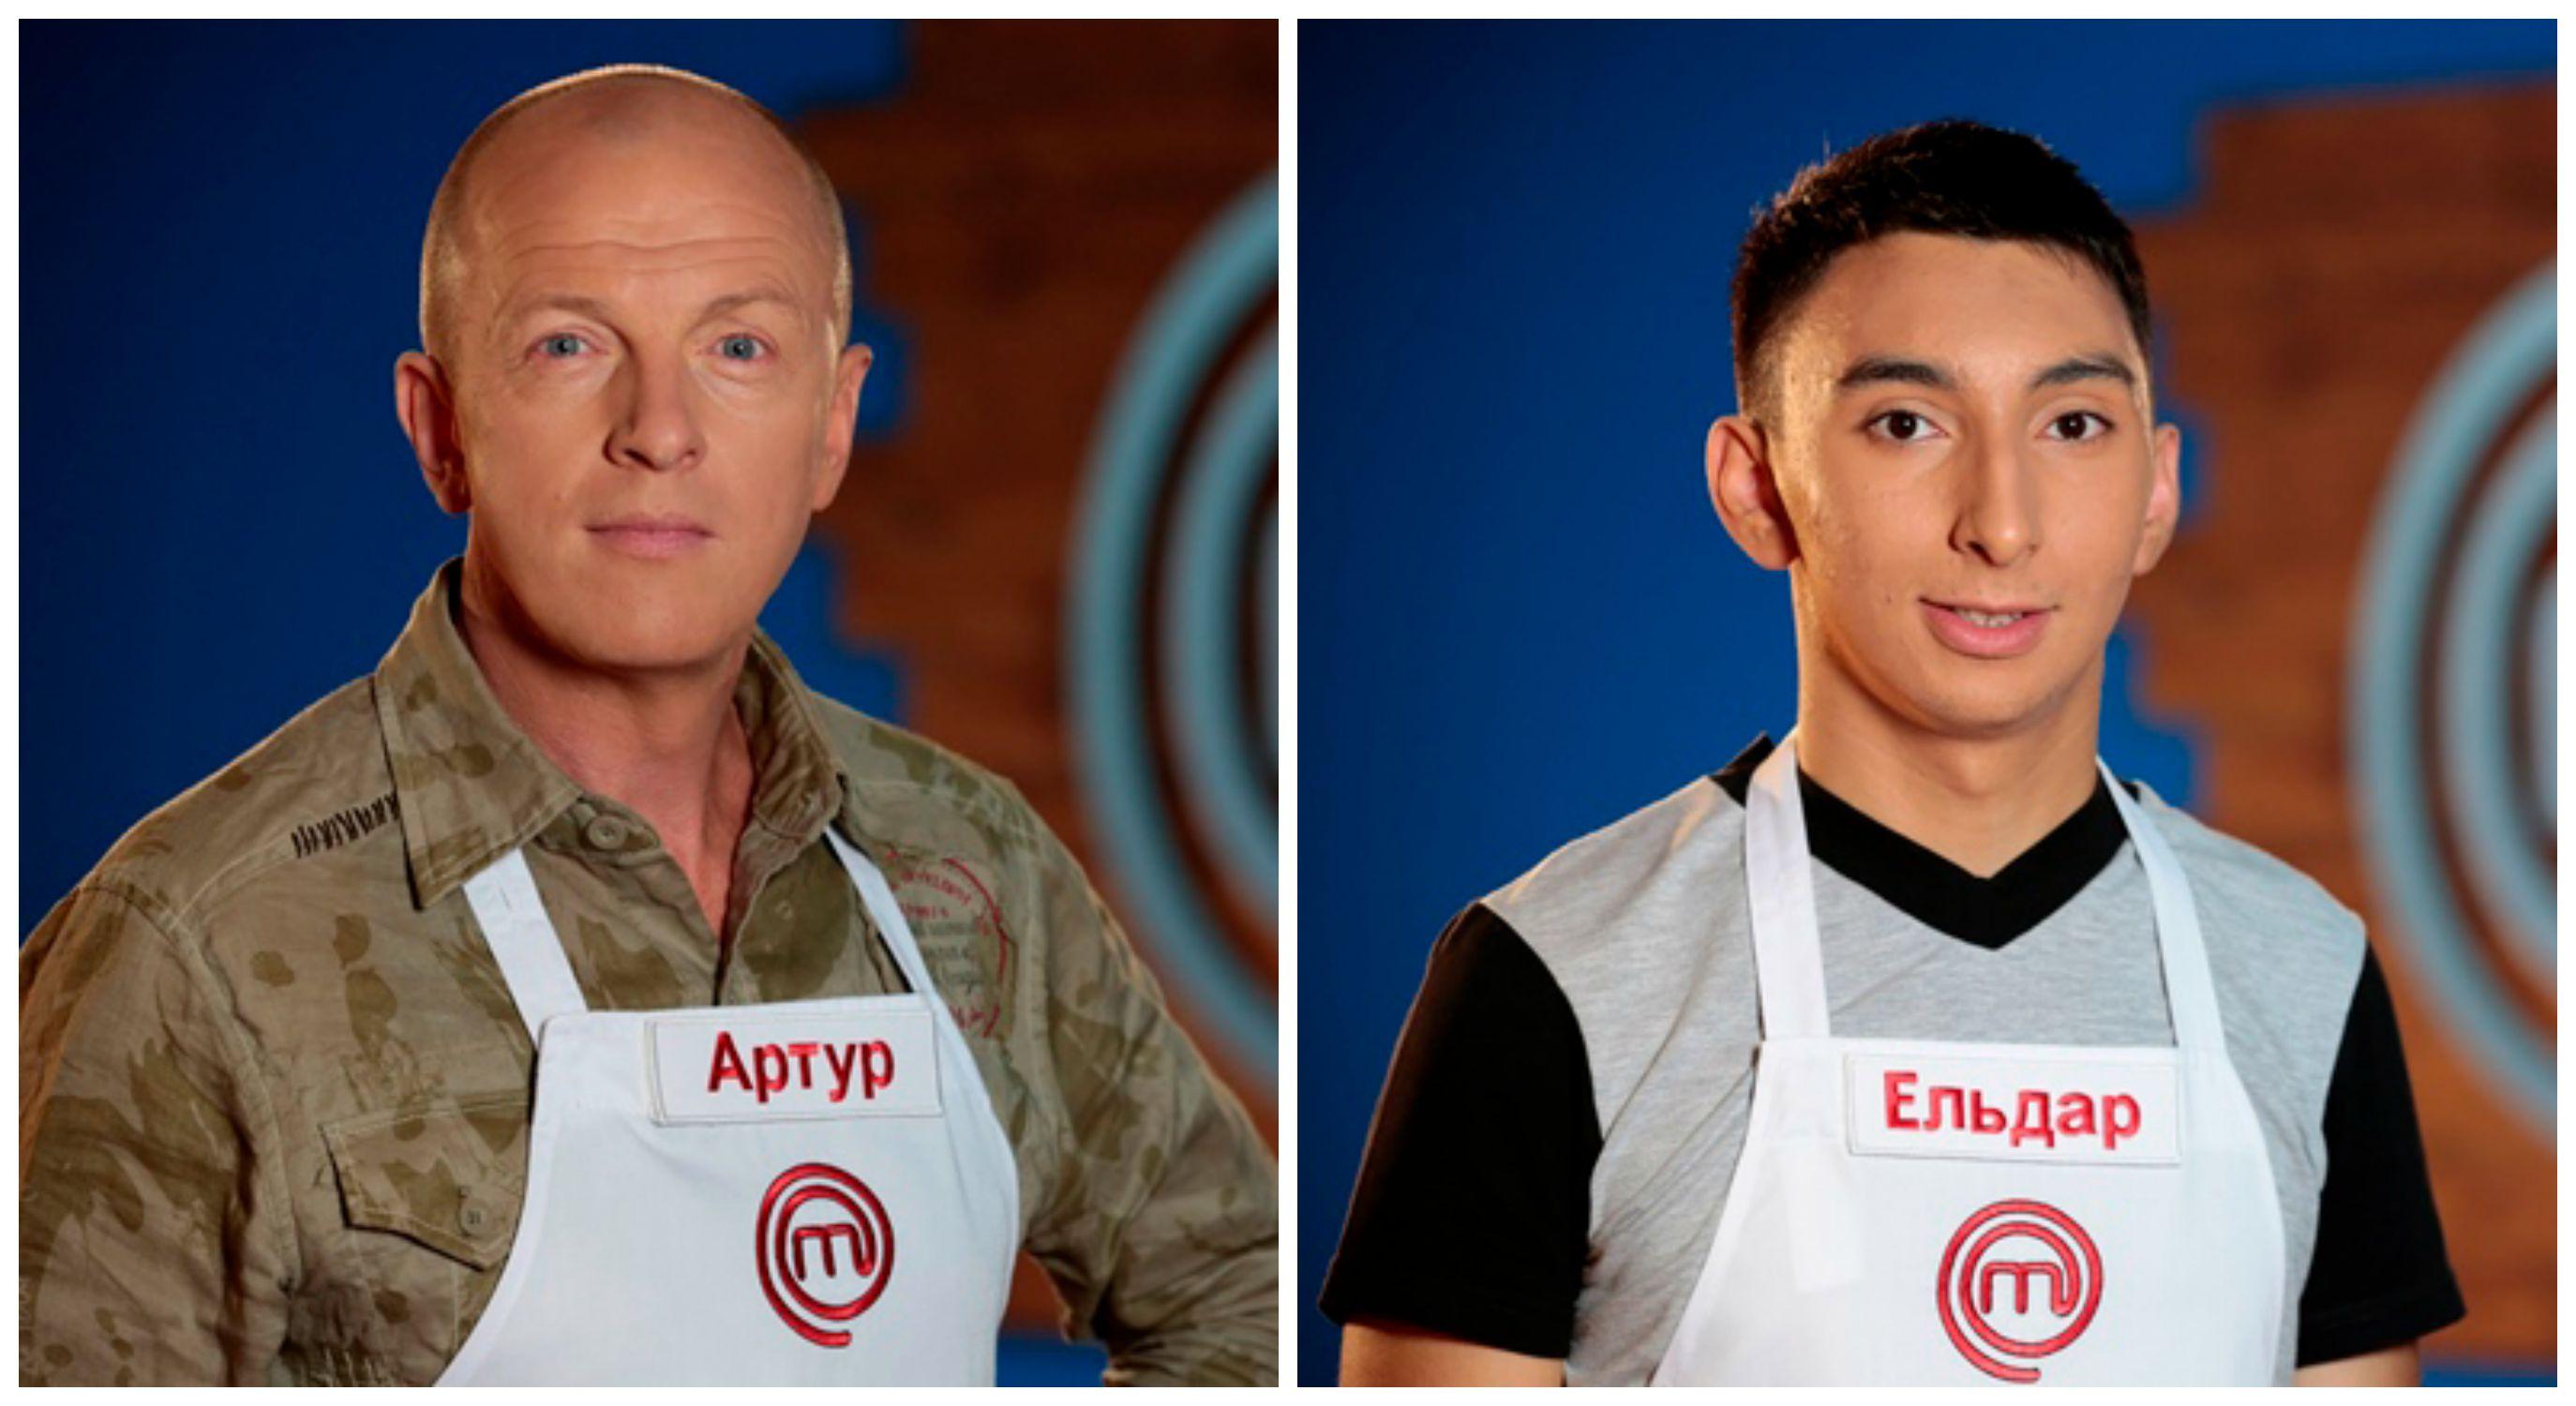 МастерШеф 5 сезон: В третьем выпуске шоу покинули Артур Хаустов и Эльдар Волонтьоров (справа)